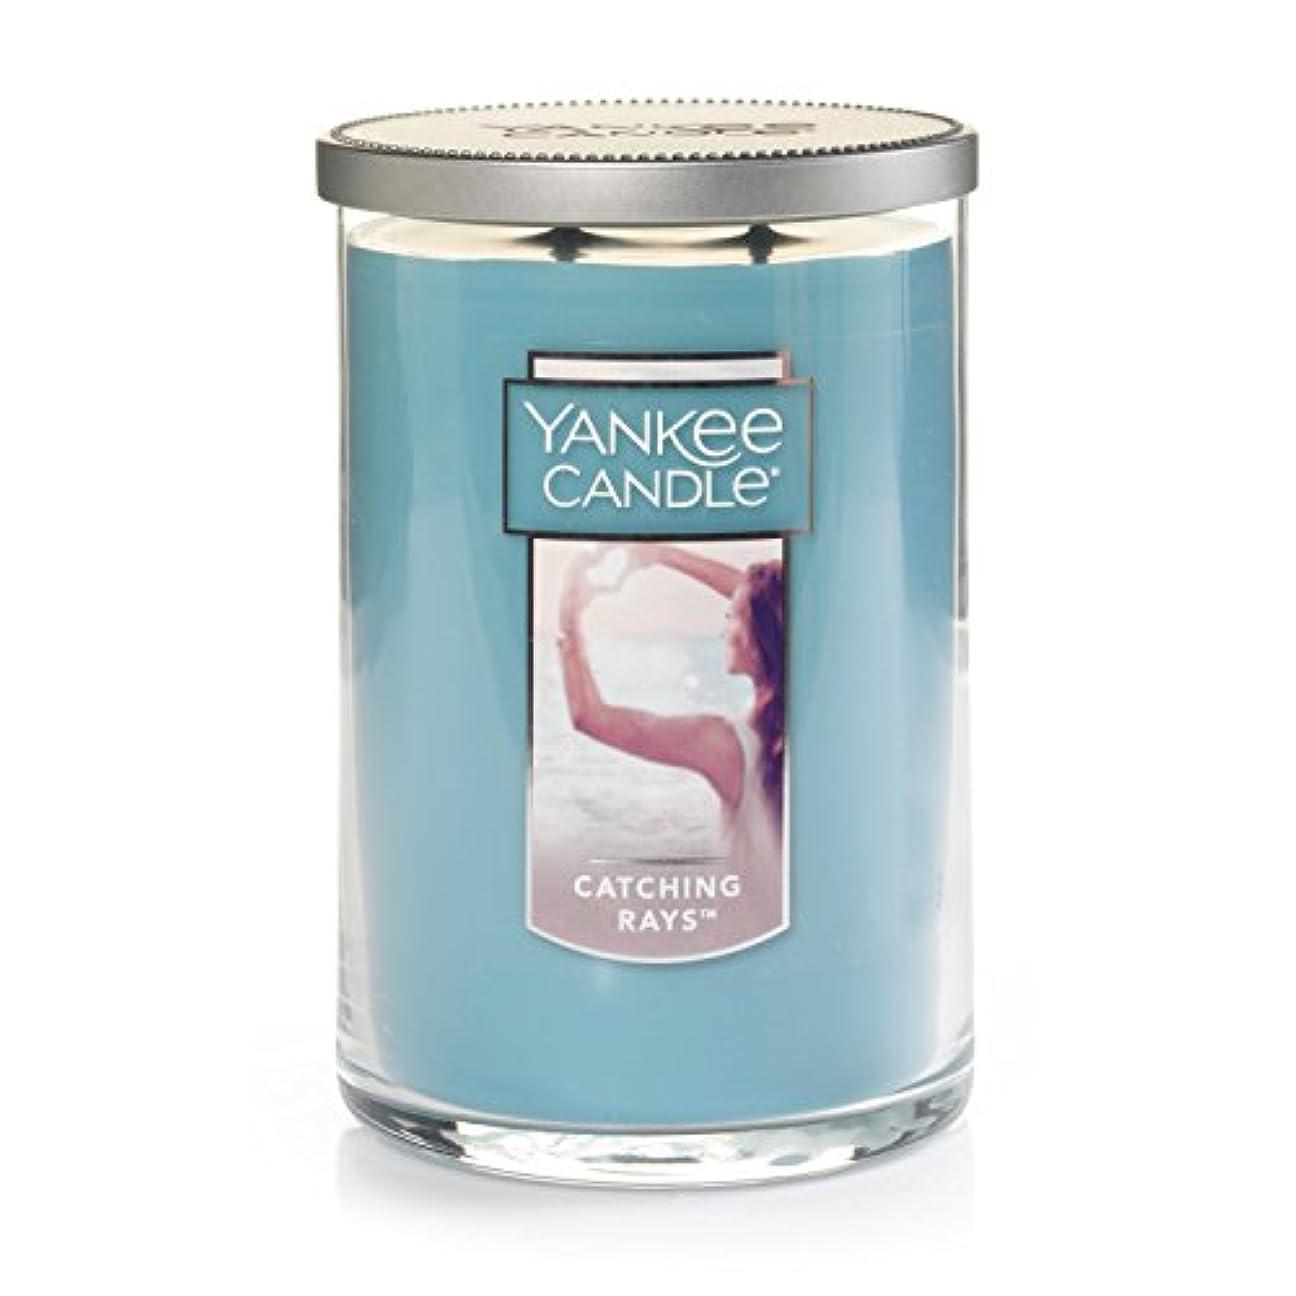 追い付く特性好意(ヤンキーキャンドル) Yankee Candle Lサイズ ジャーキャンドル Large 2-Wick Tumbler Candle ブルー 1351630Z